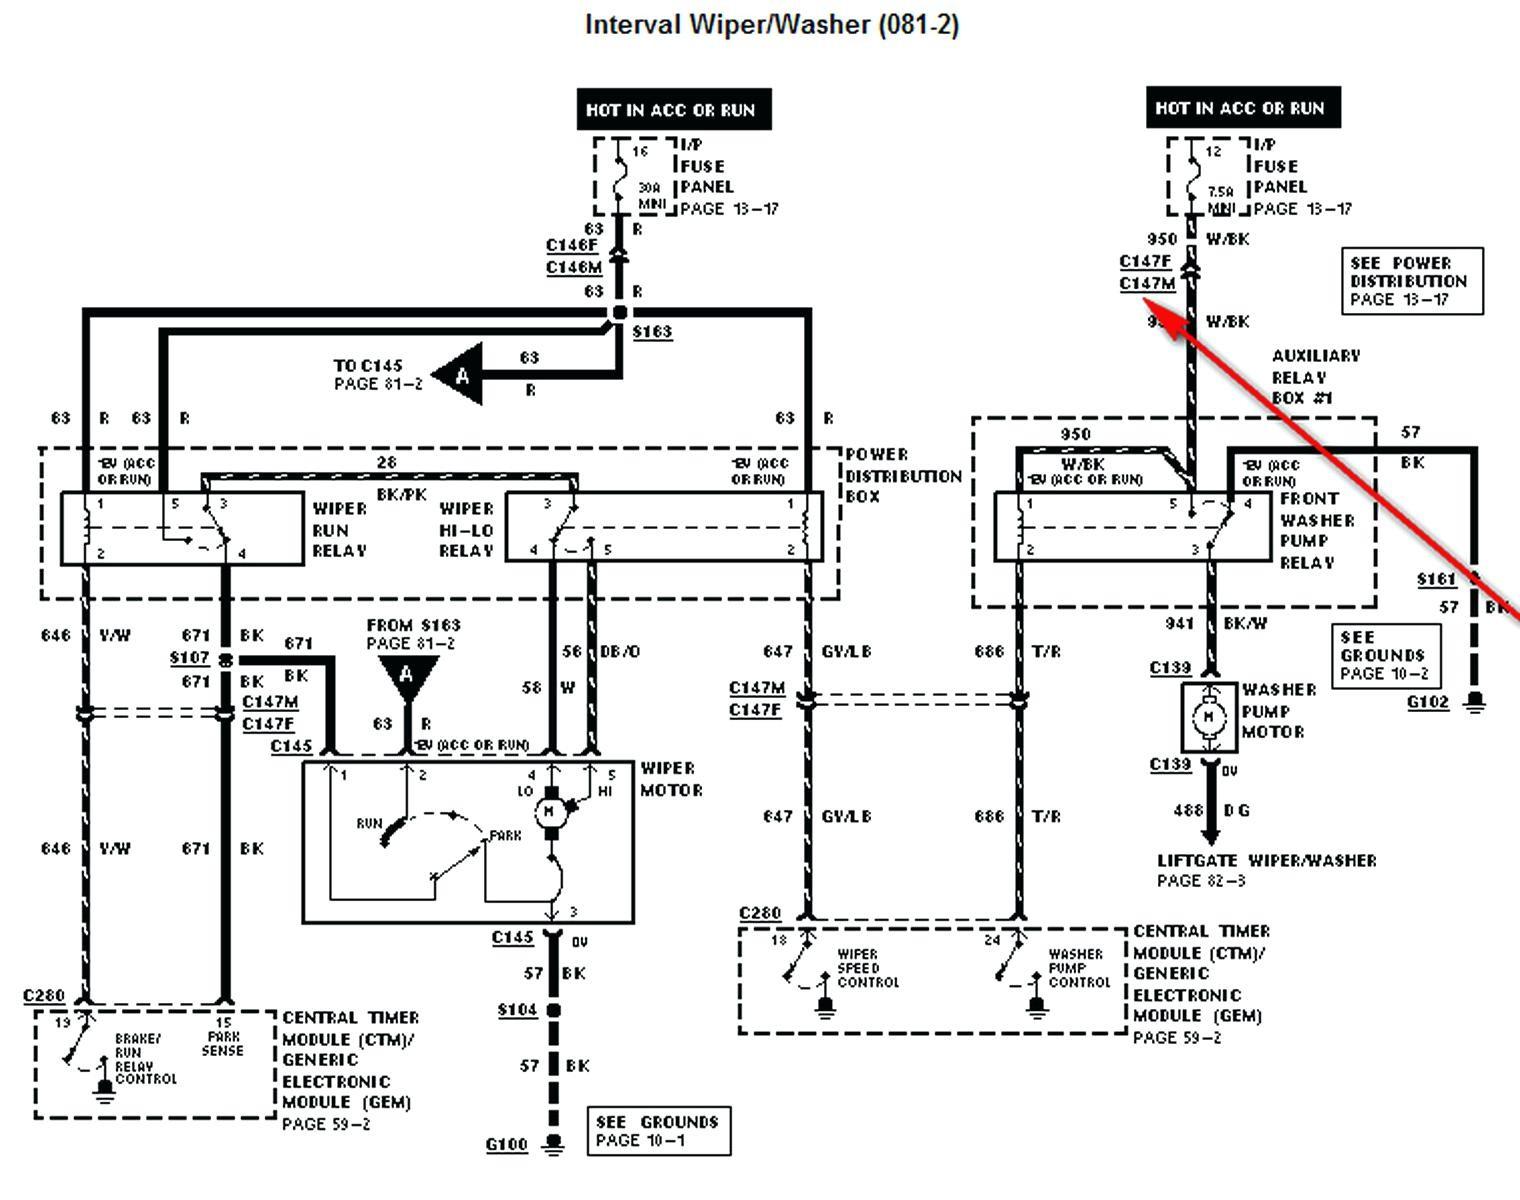 Paragon Defrost Timer 8145 20 Paragon Defrost Timer Wiring Diagrams